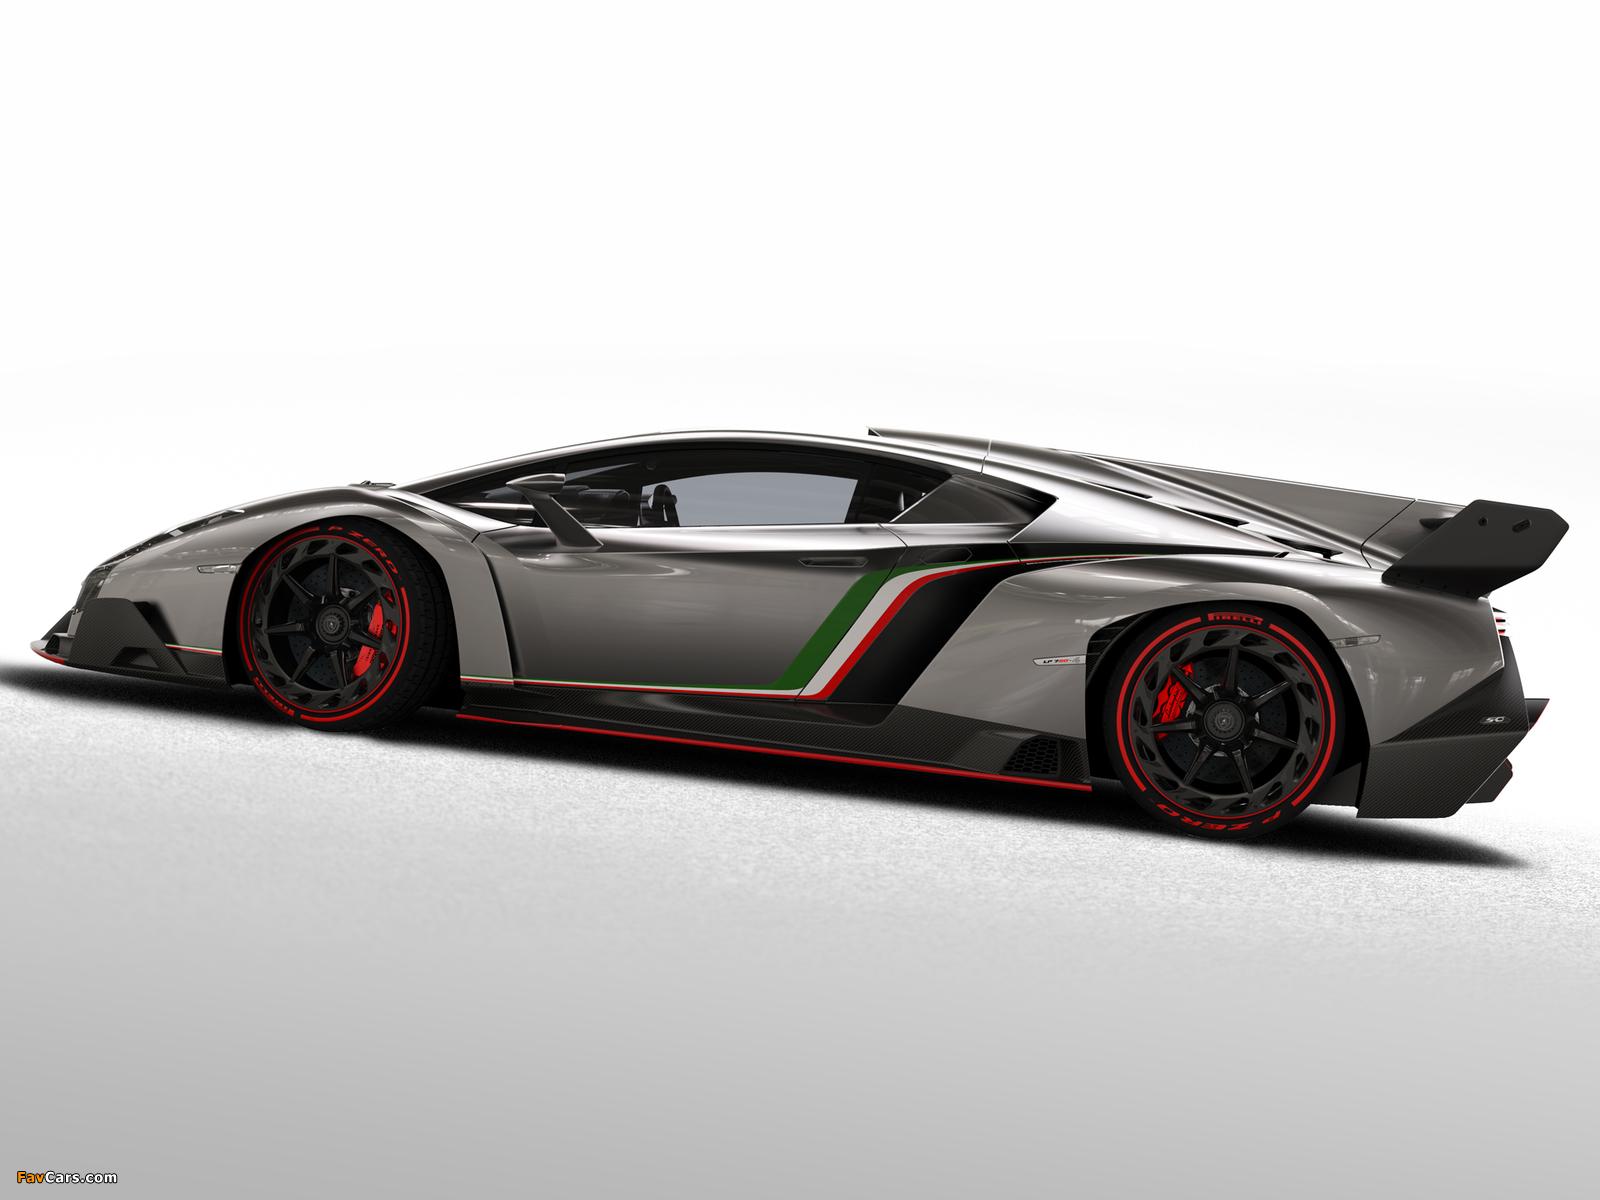 Lamborghini Veneno 2013 images (1600 x 1200)